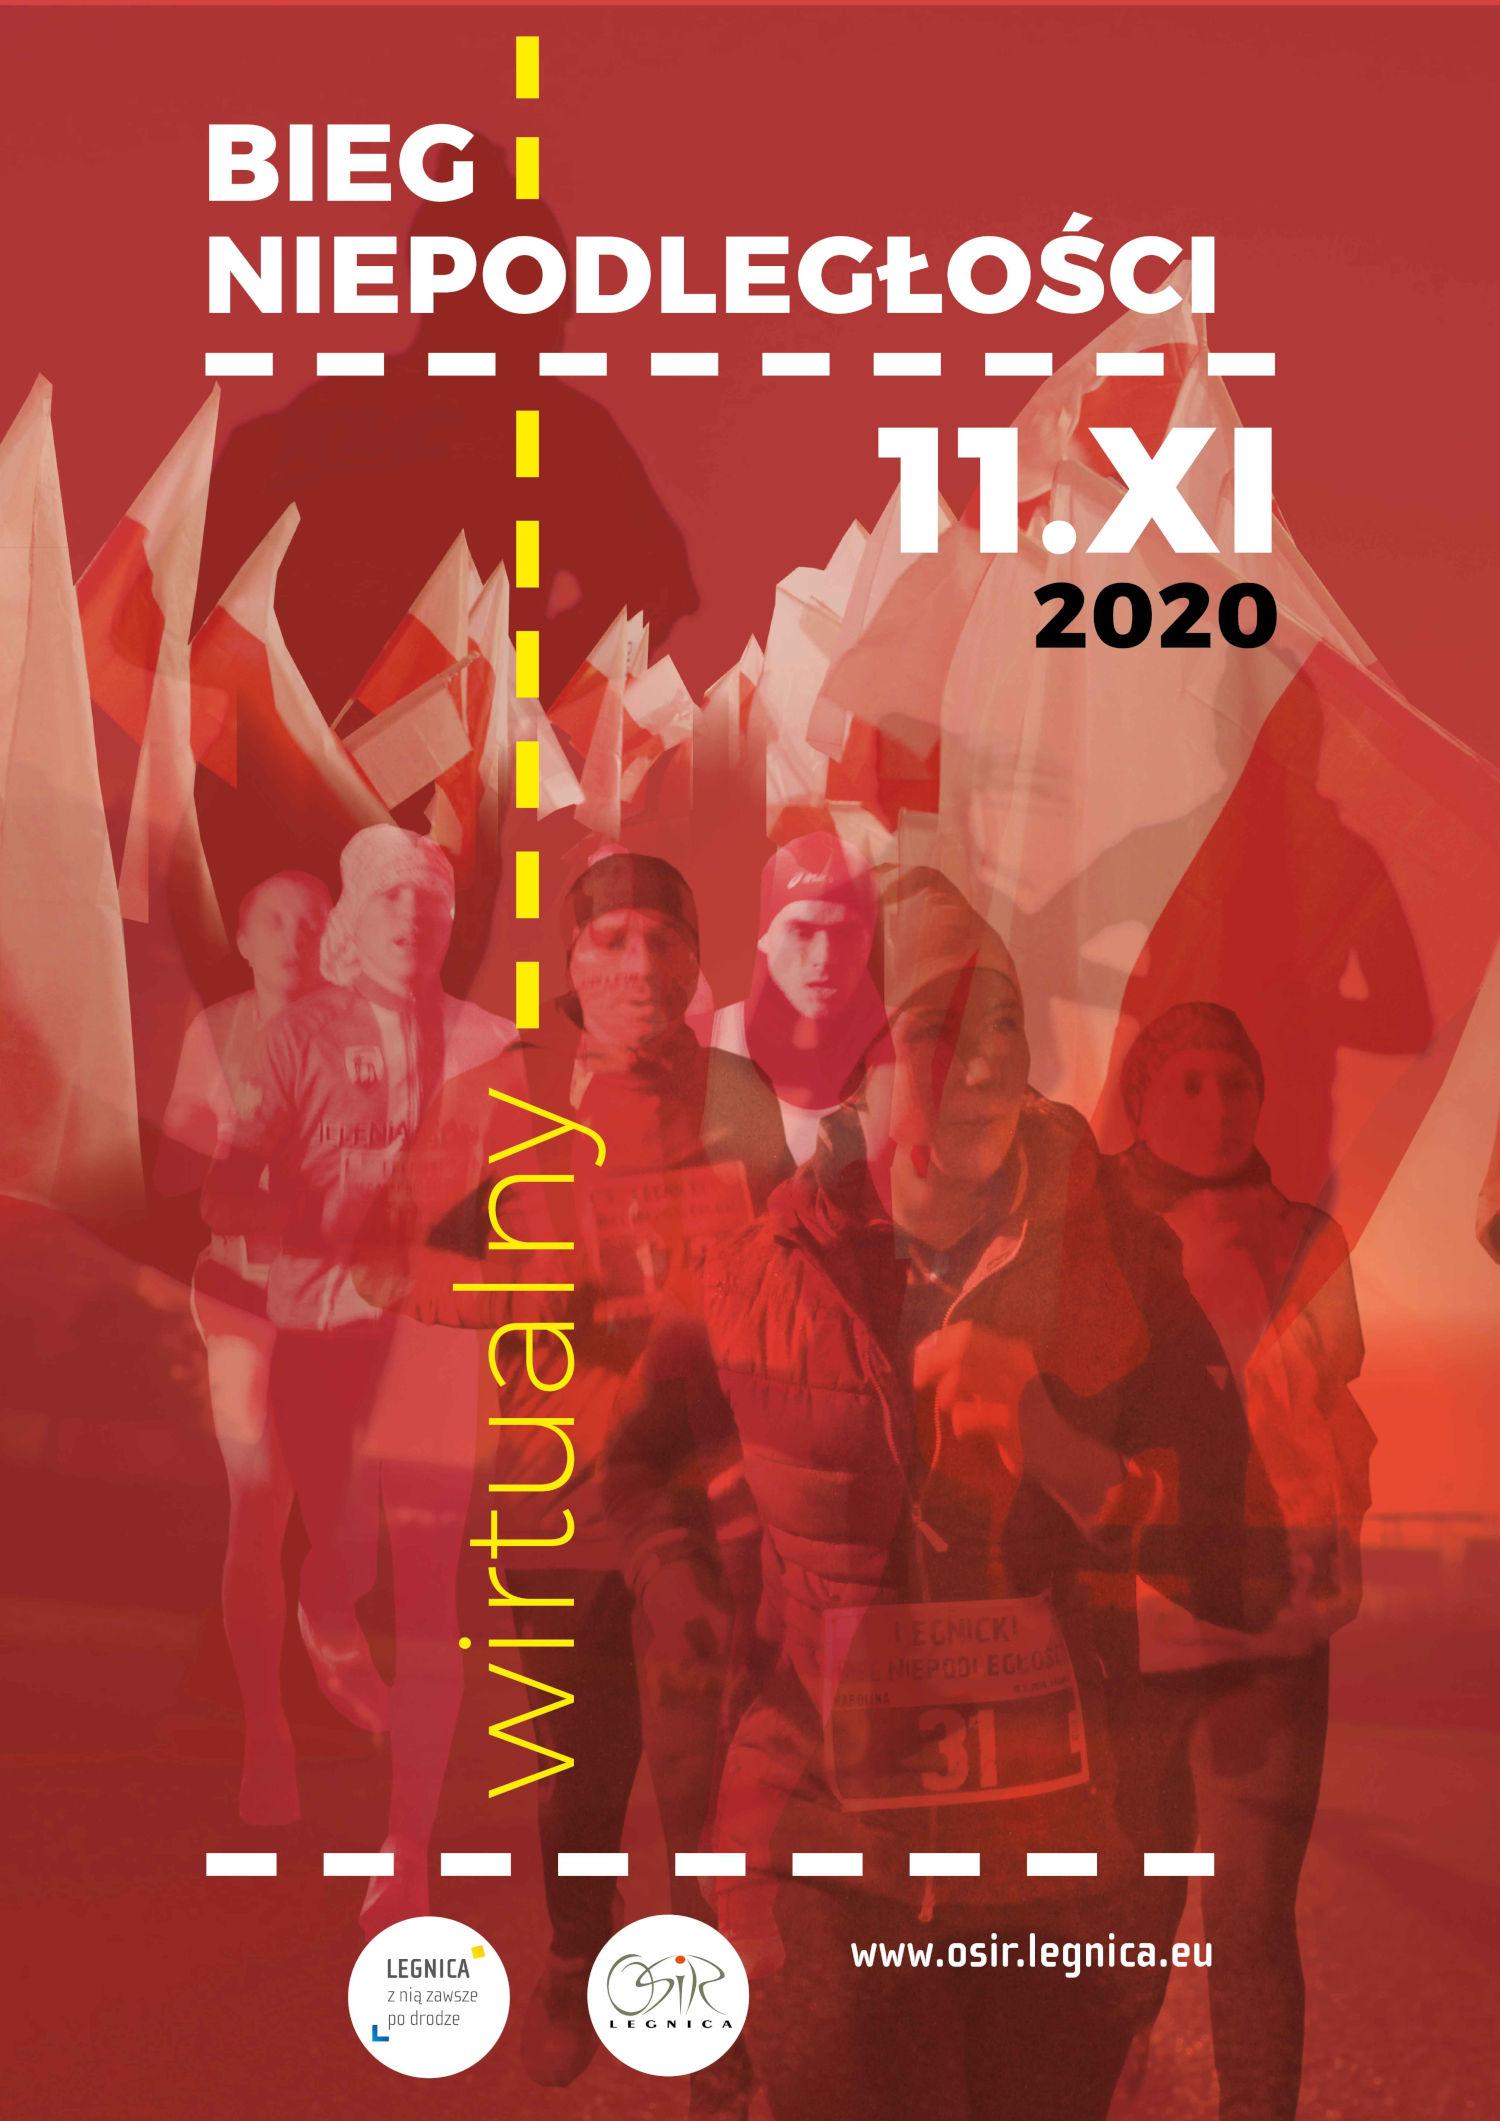 wirtualny Legnicki Bieg Niepodległości - plakat biegu